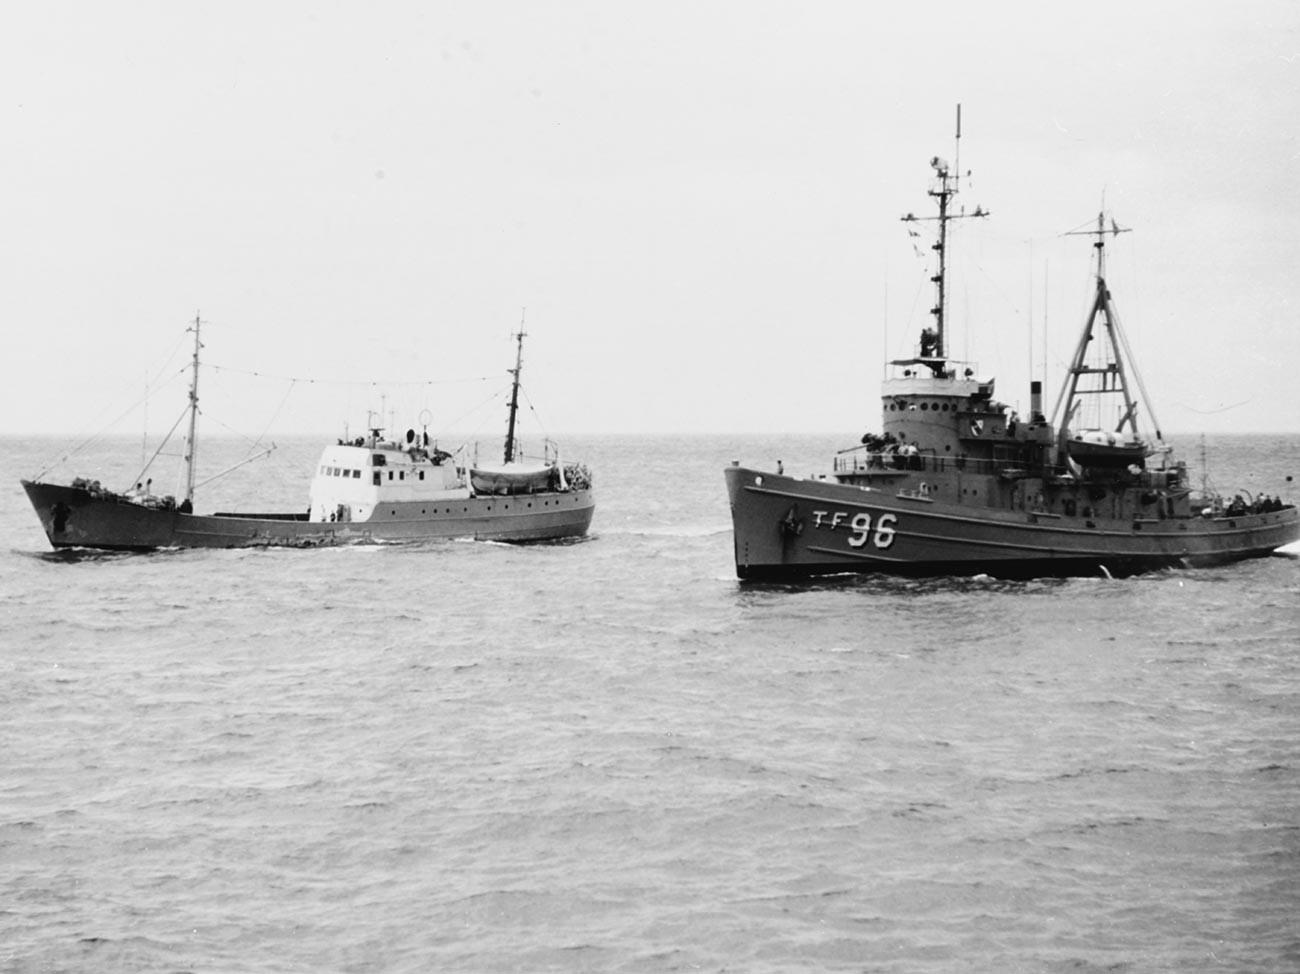 USS Abnaki  и советский разведывательный корабль «Гидрофон» в Южно-Китайском море, 1967 г.